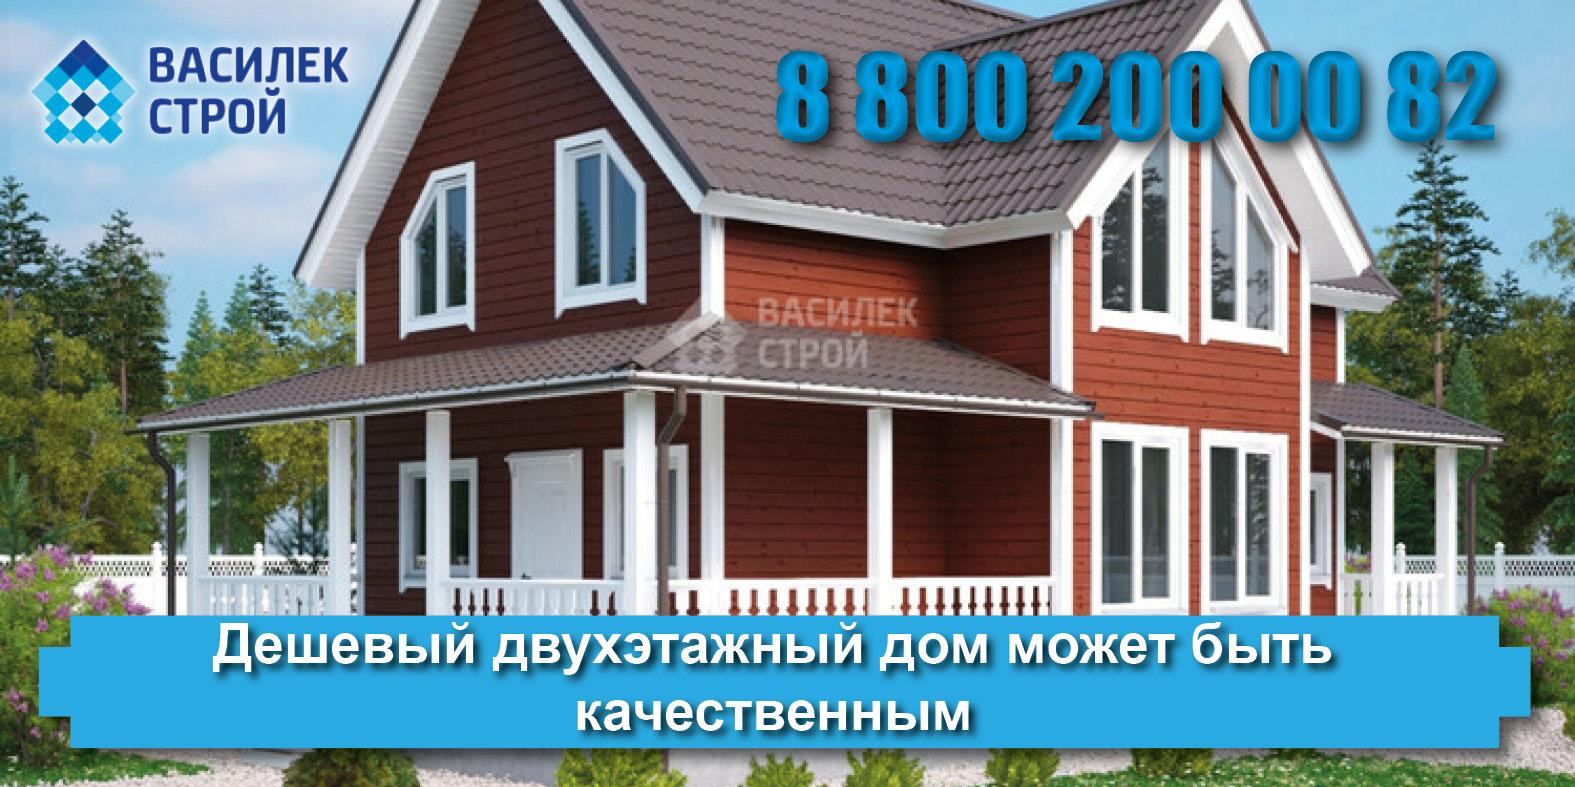 Построить недорогие дома двухэтажные из бруса дешево и качественно